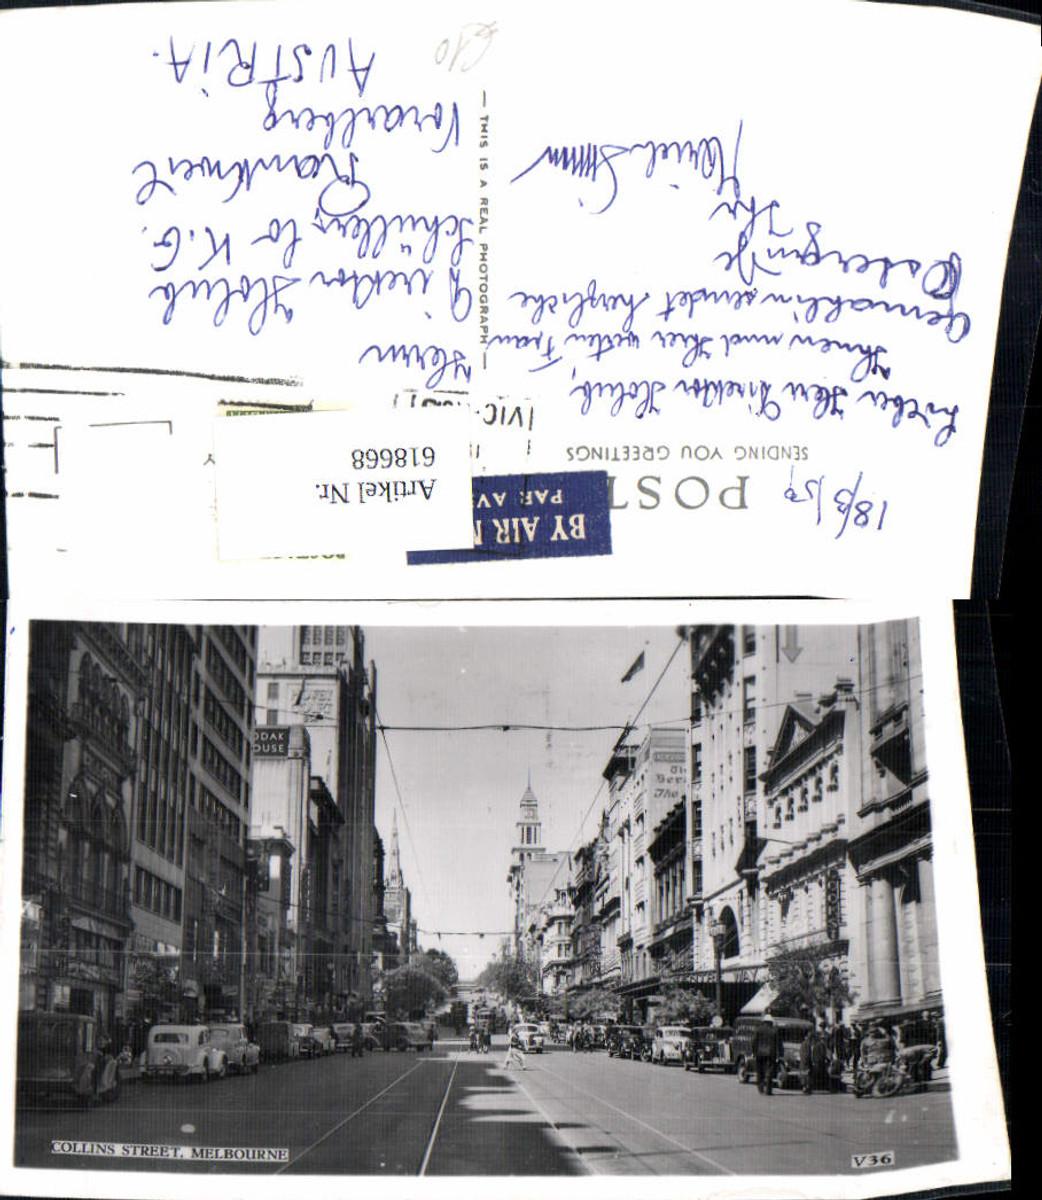 618668,Foto Ak Melbourne Collins Street Auto 1959 Australia günstig online kaufen